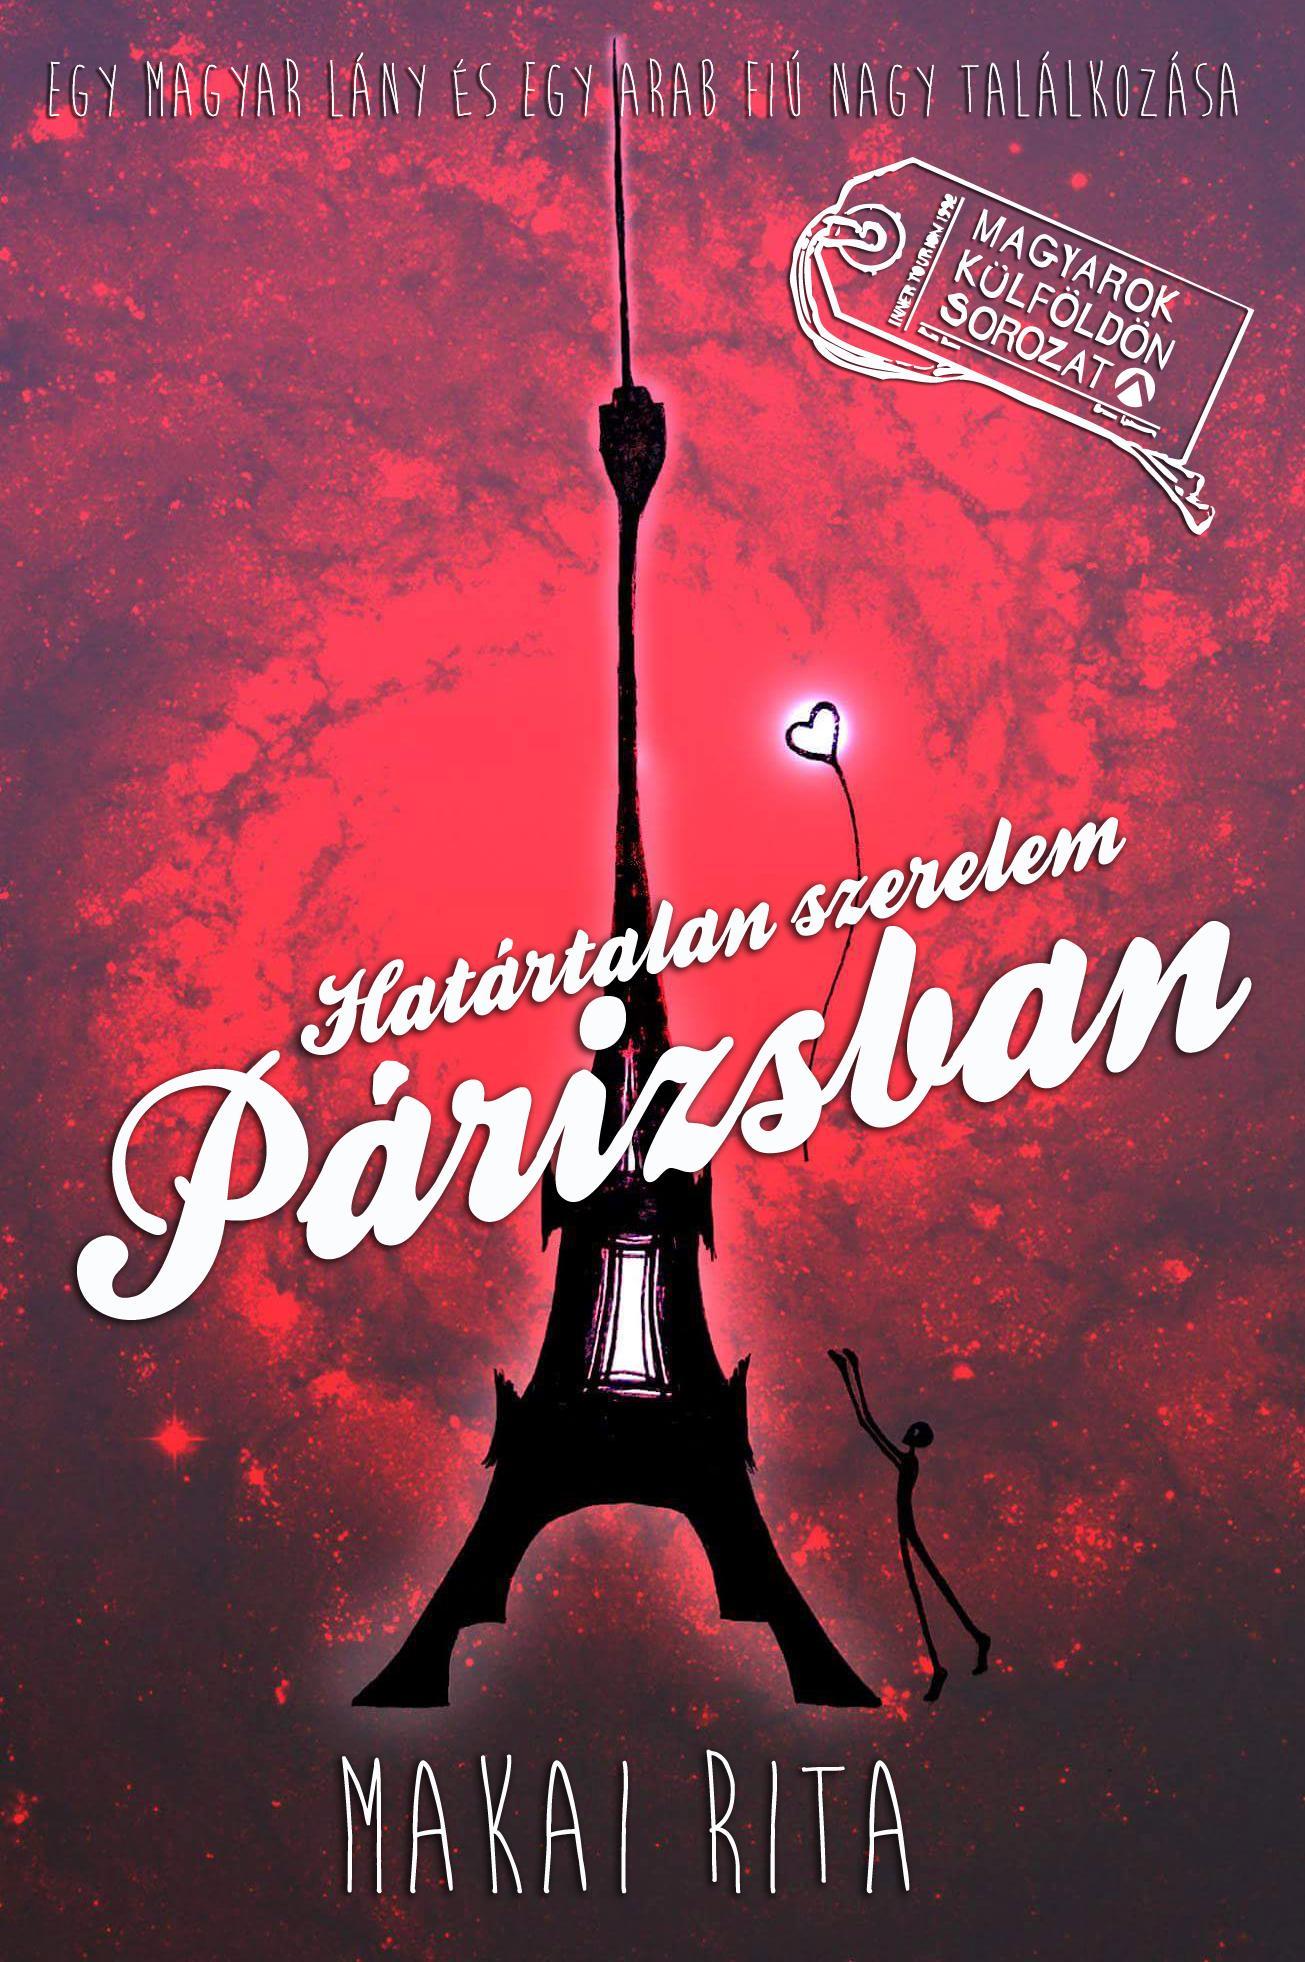 Makai Rita : Határtalan szerelem Párizsban